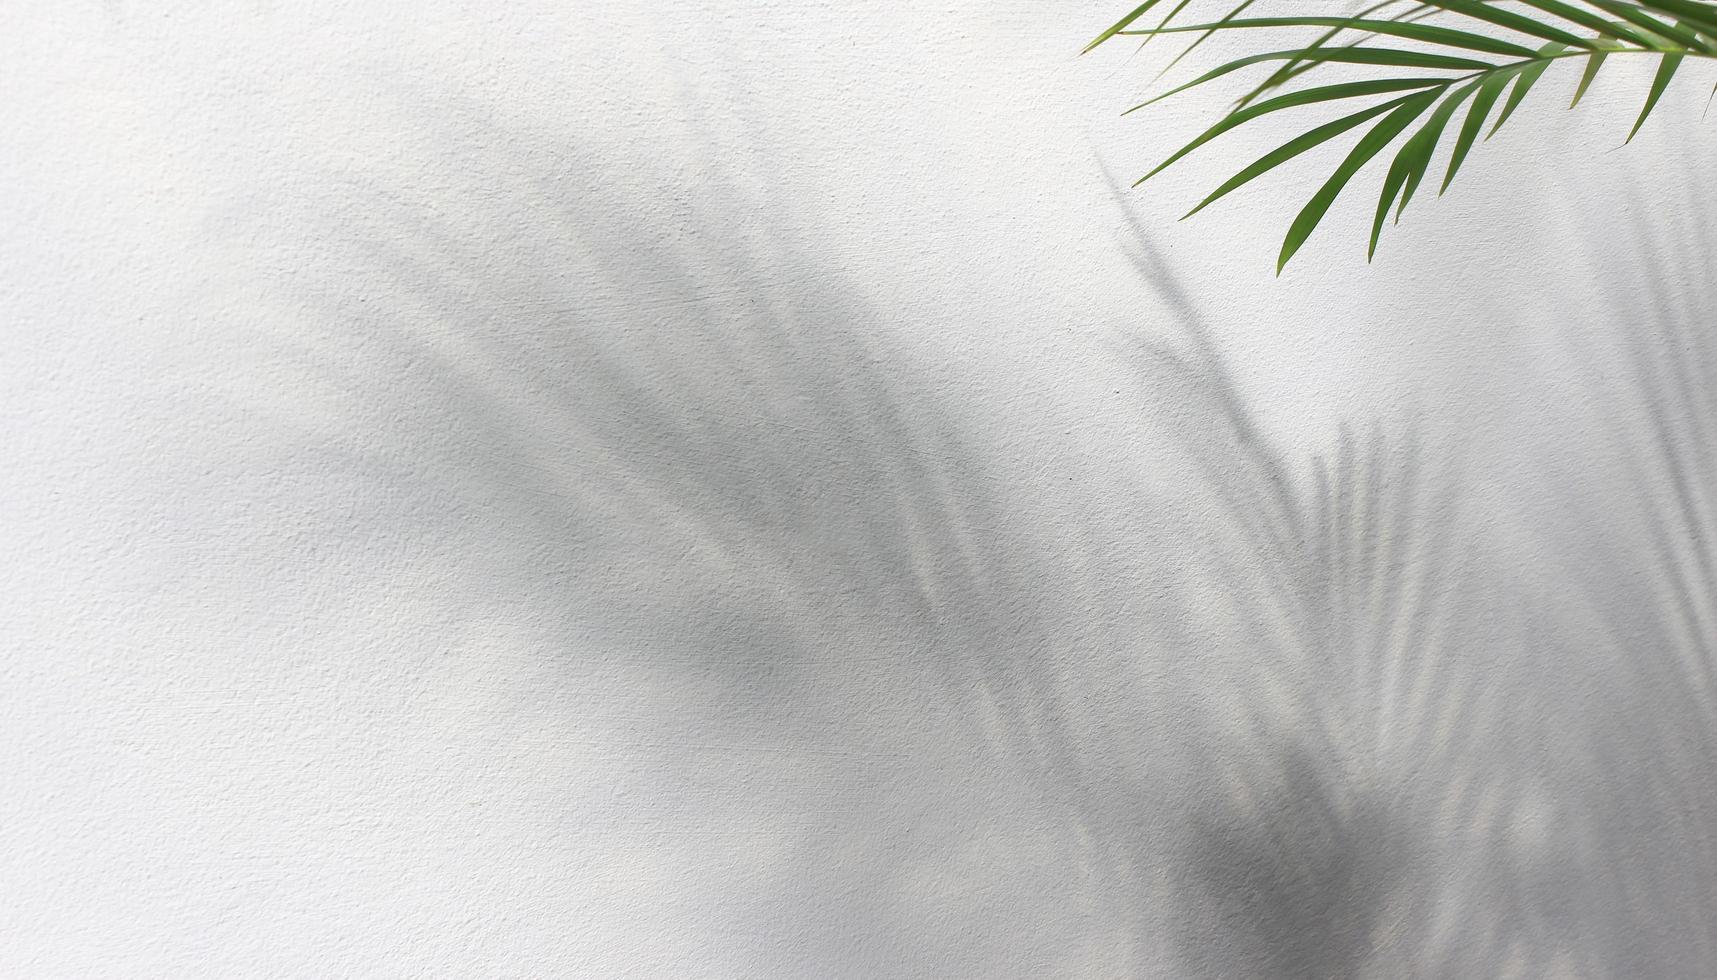 feuille de palmier et ombres photo